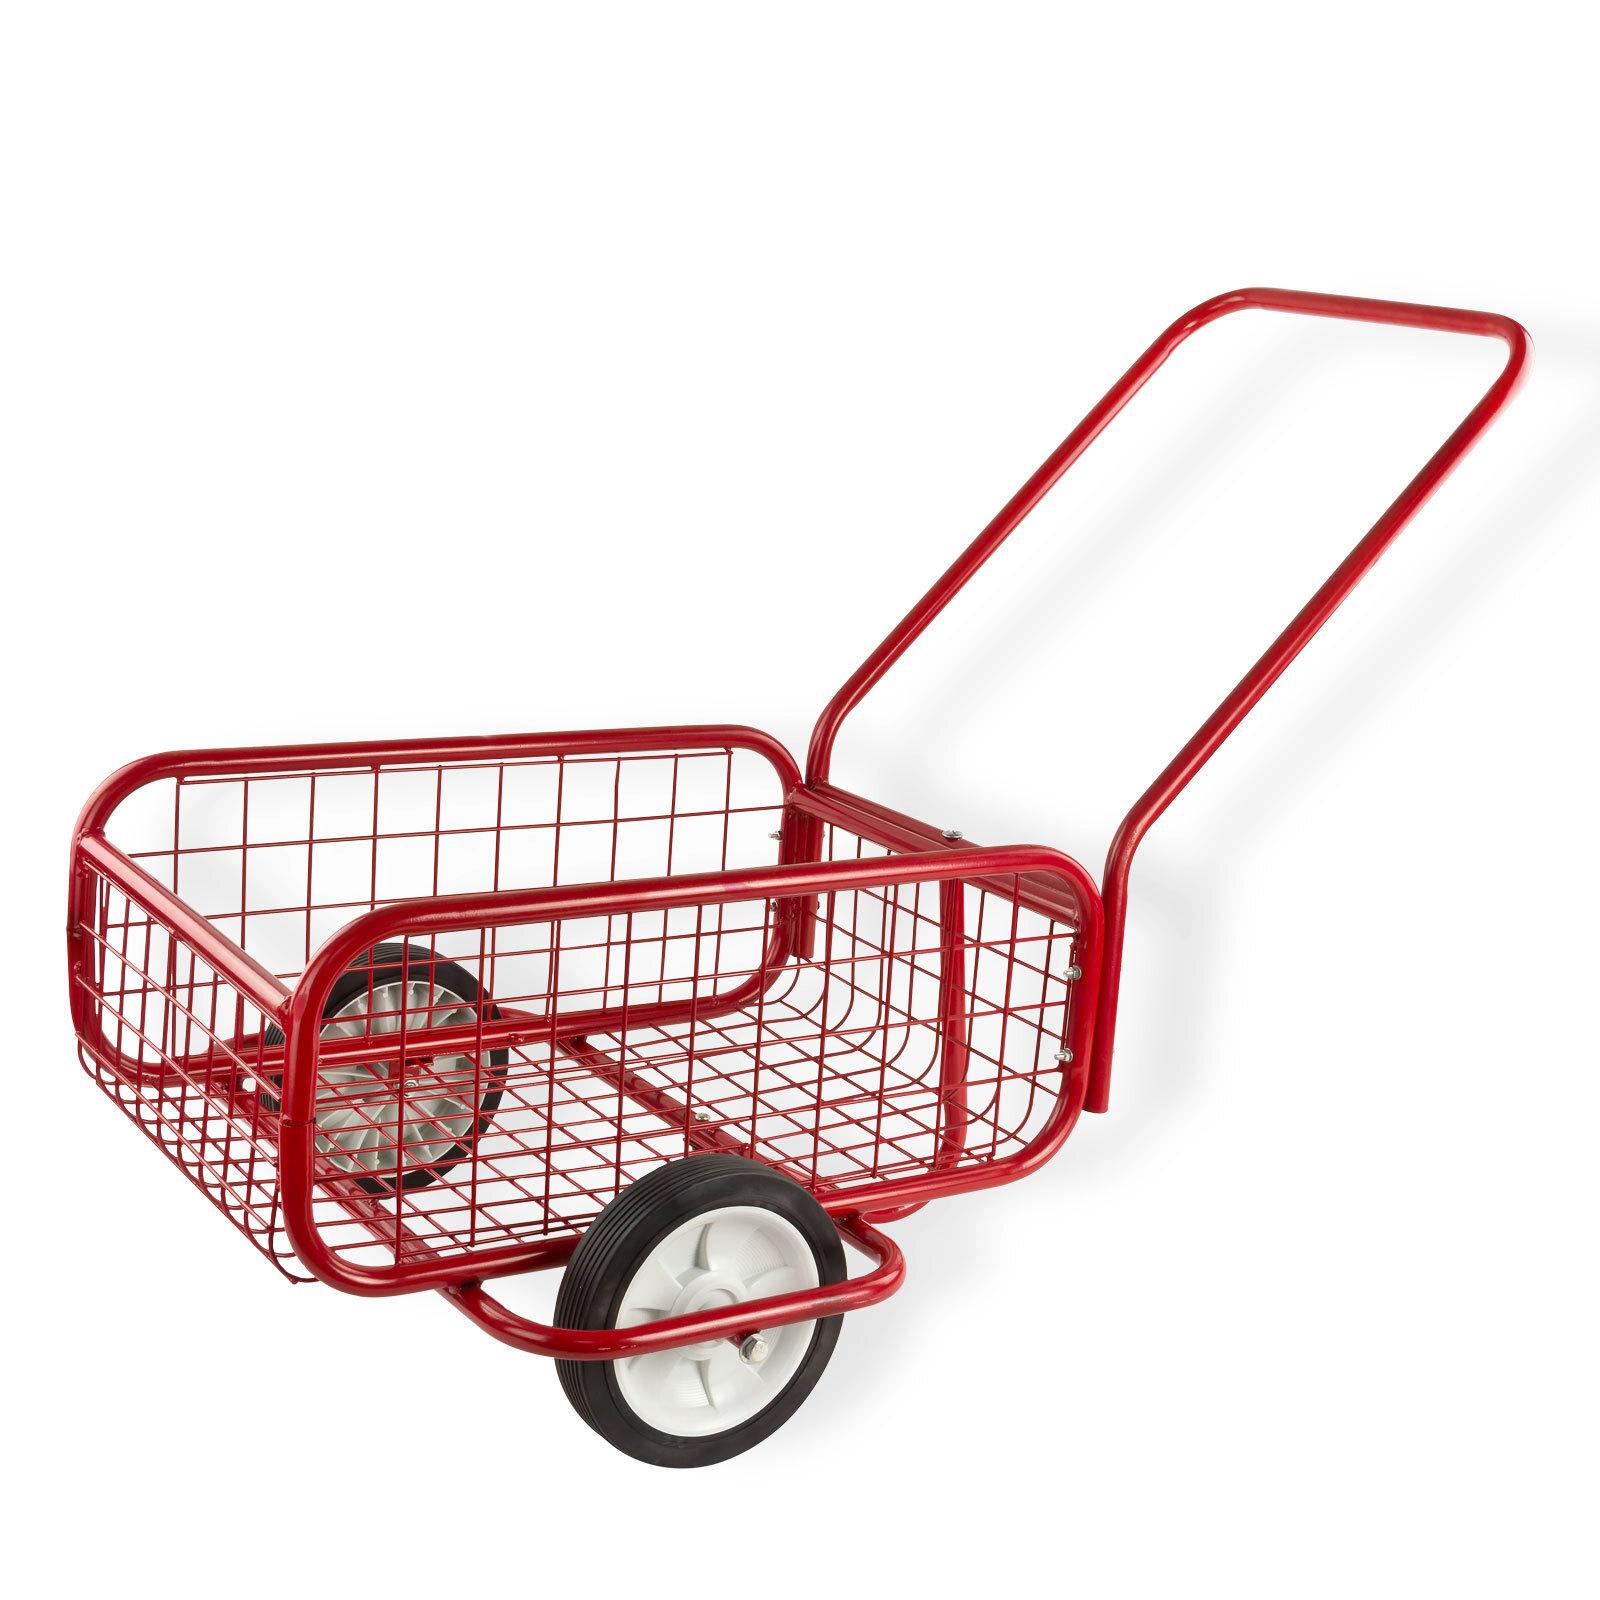 metall handwagen transportwagen transportkarre einkaufswagen karre wagen 80 kg ebay. Black Bedroom Furniture Sets. Home Design Ideas